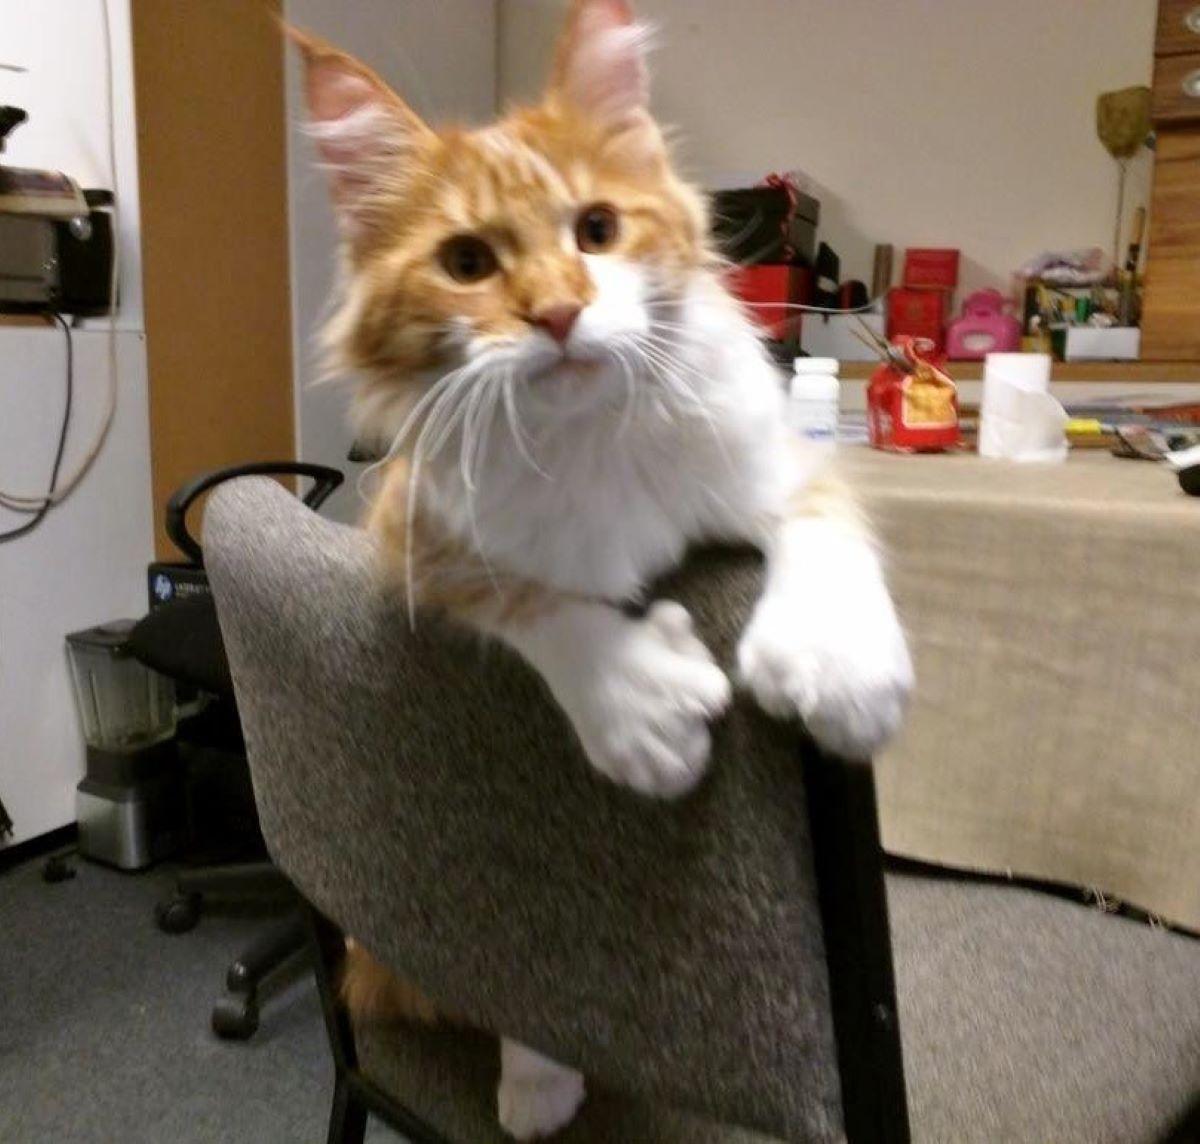 gatto-su-sedia-con-dita-in-più